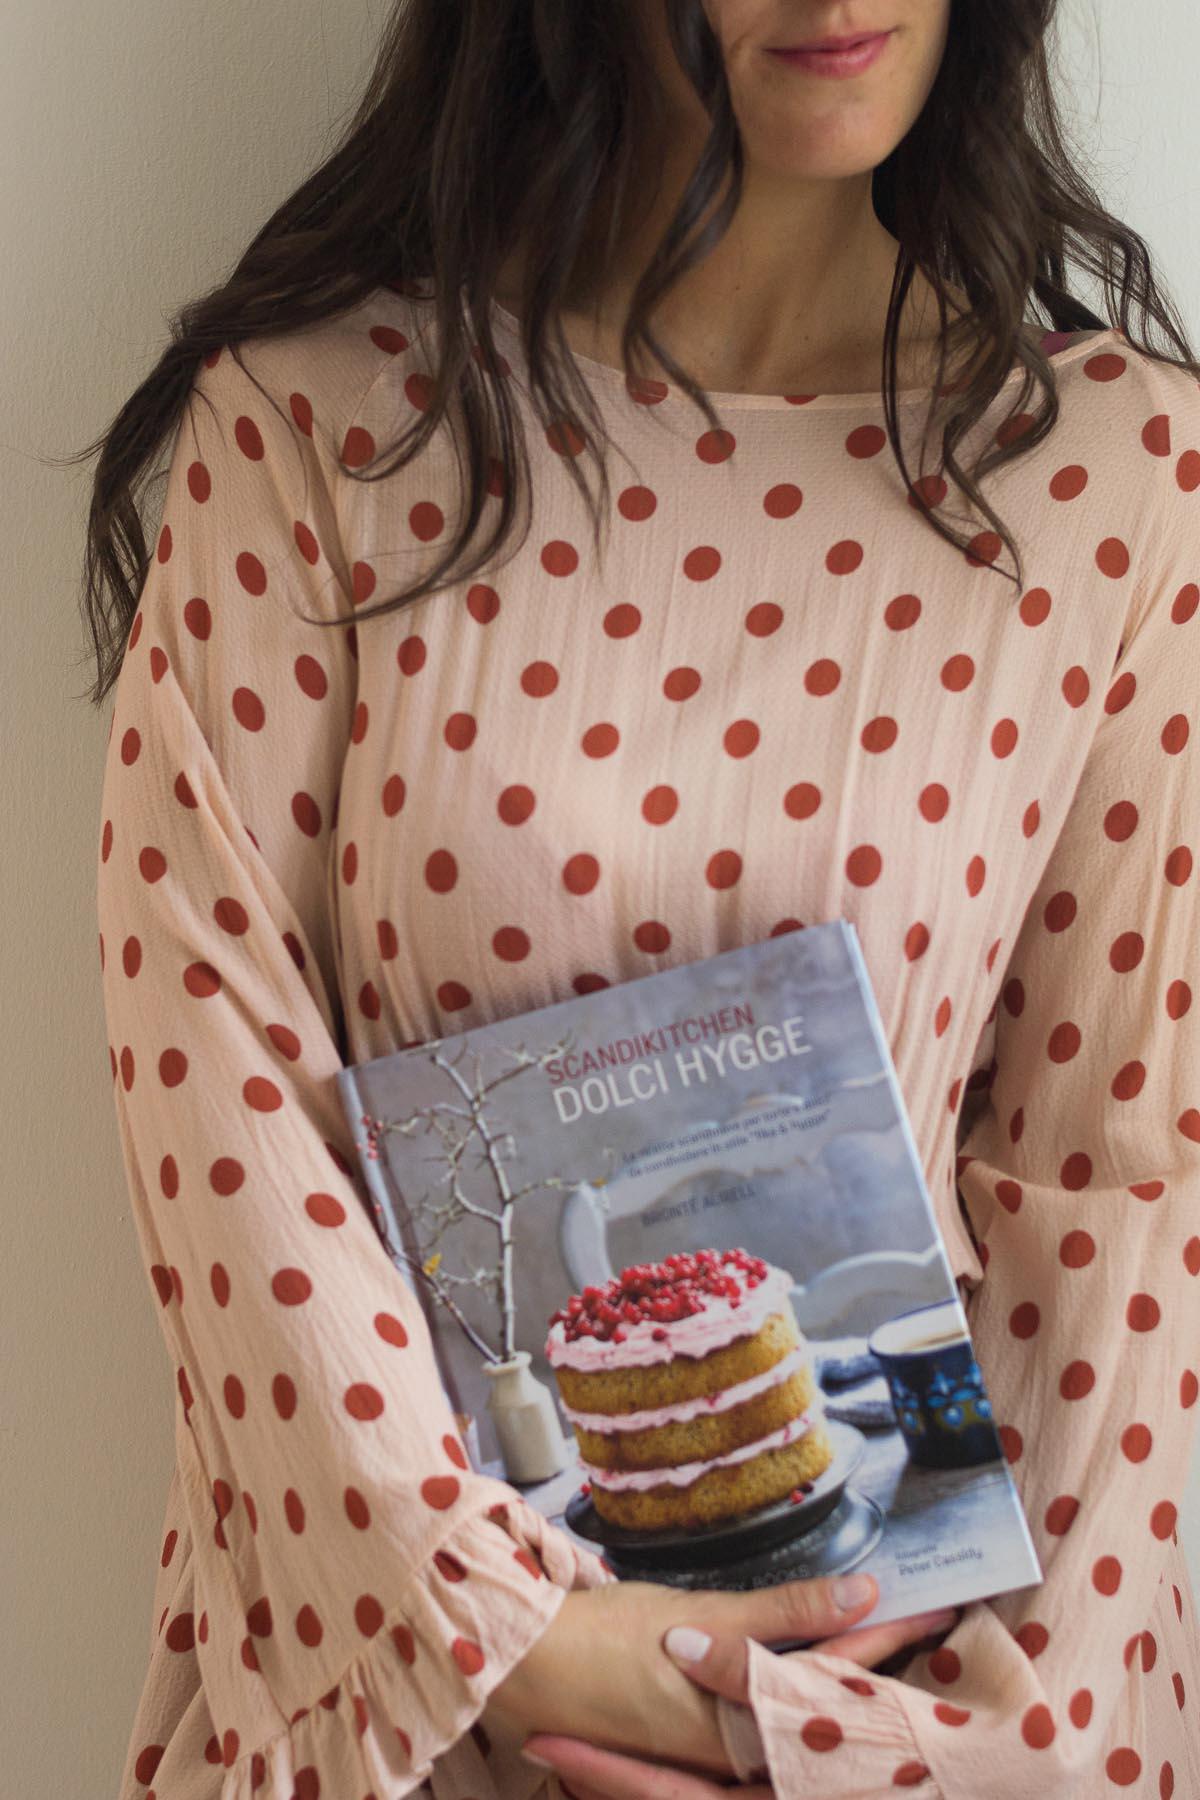 libri-dolci-hygge-valentina